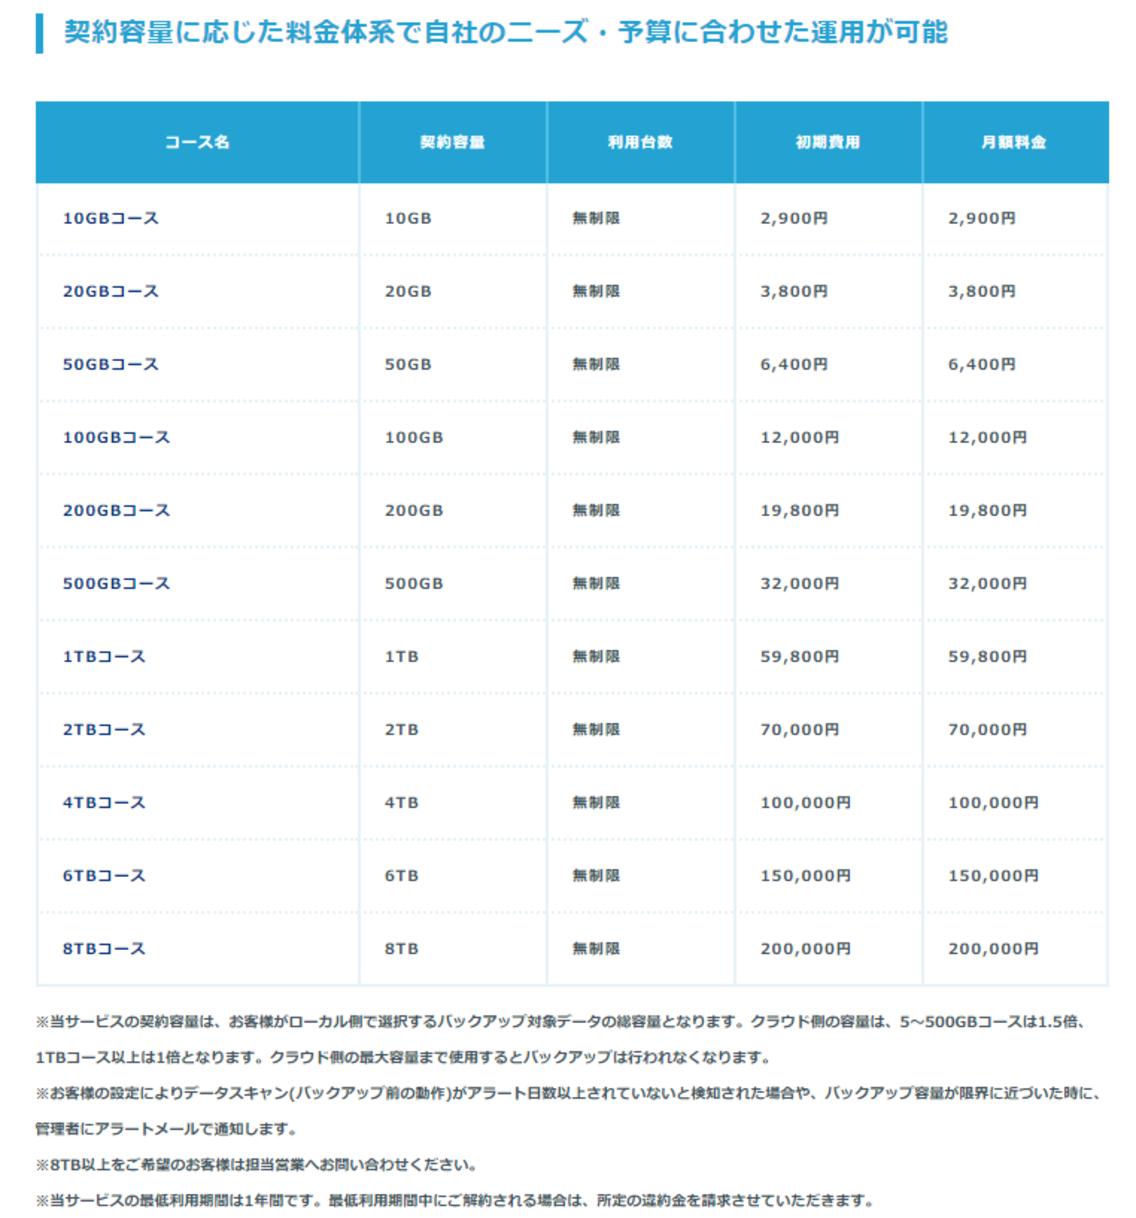 スクリーンショット_2020-08-17_14.50.38.png